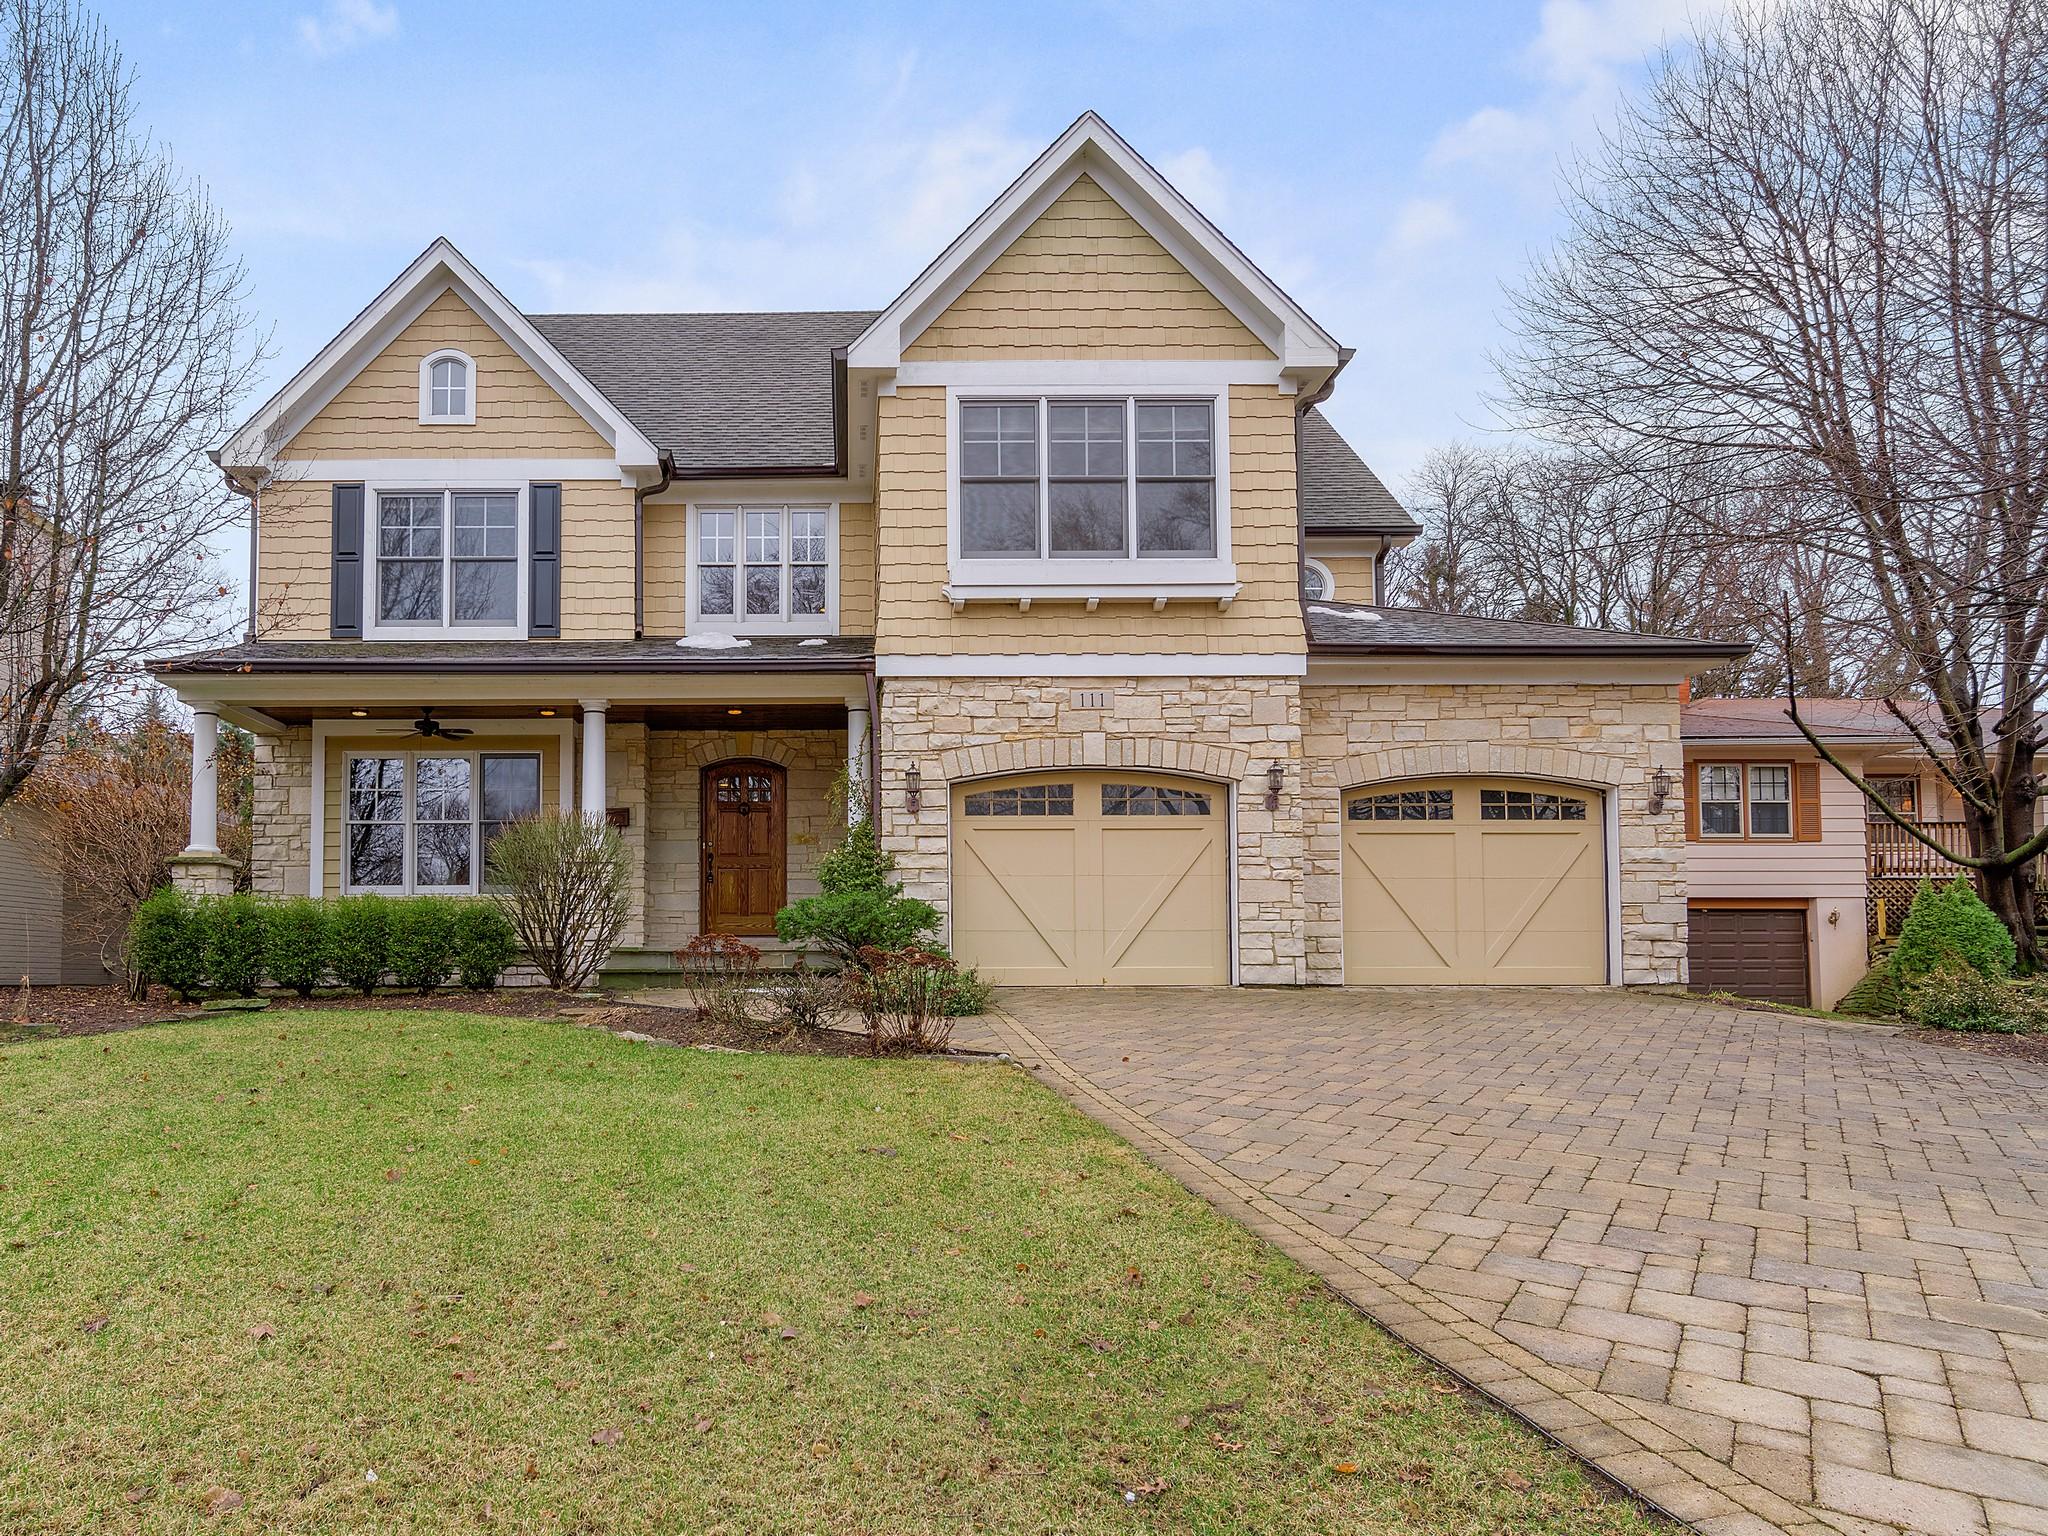 Tek Ailelik Ev için Satış at 111 ANN ST Clarendon Hills, Illinois, 60514 Amerika Birleşik Devletleri